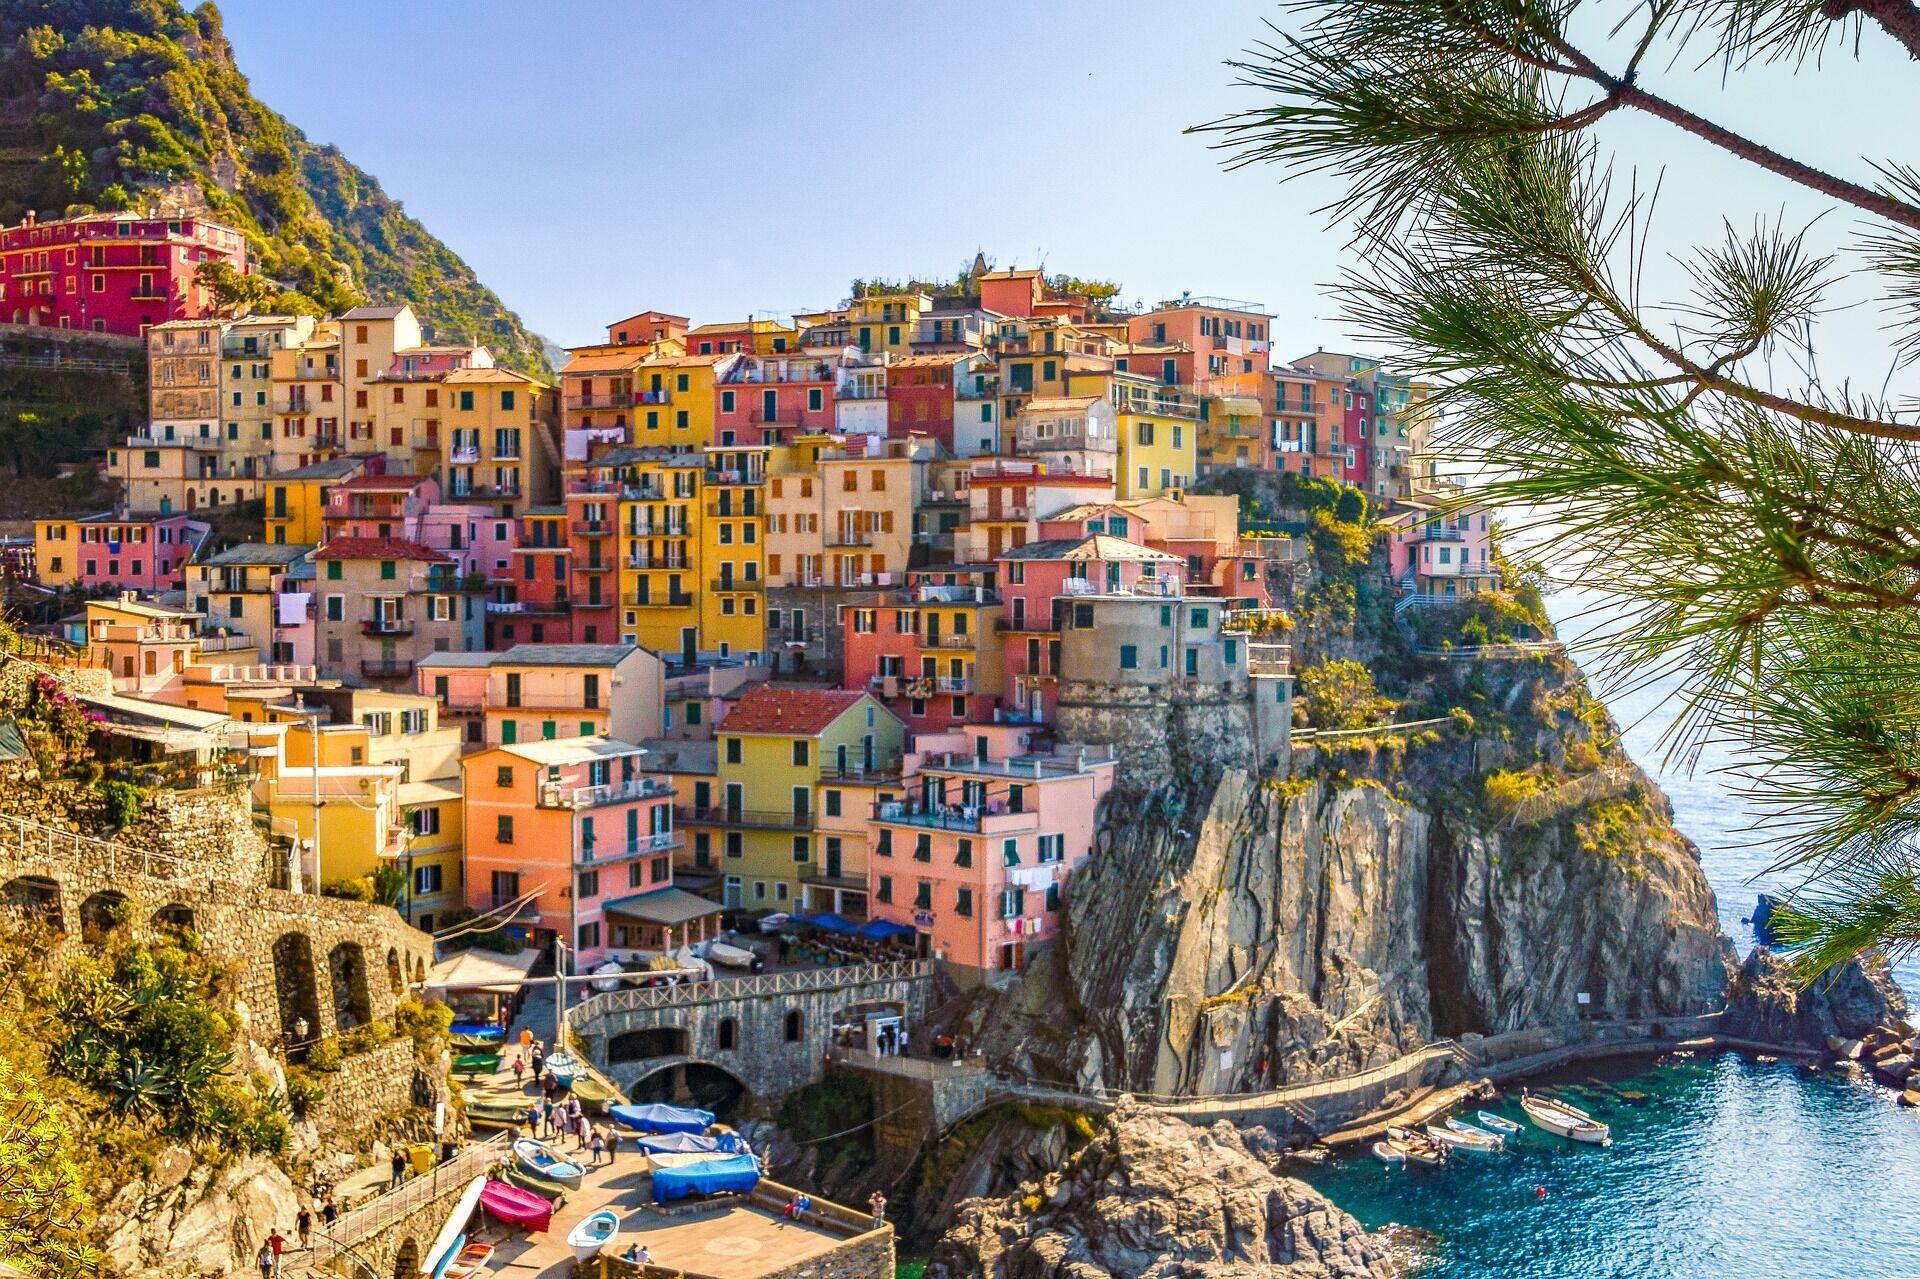 23 мільйони італійців обрали свою країну для відпустки.